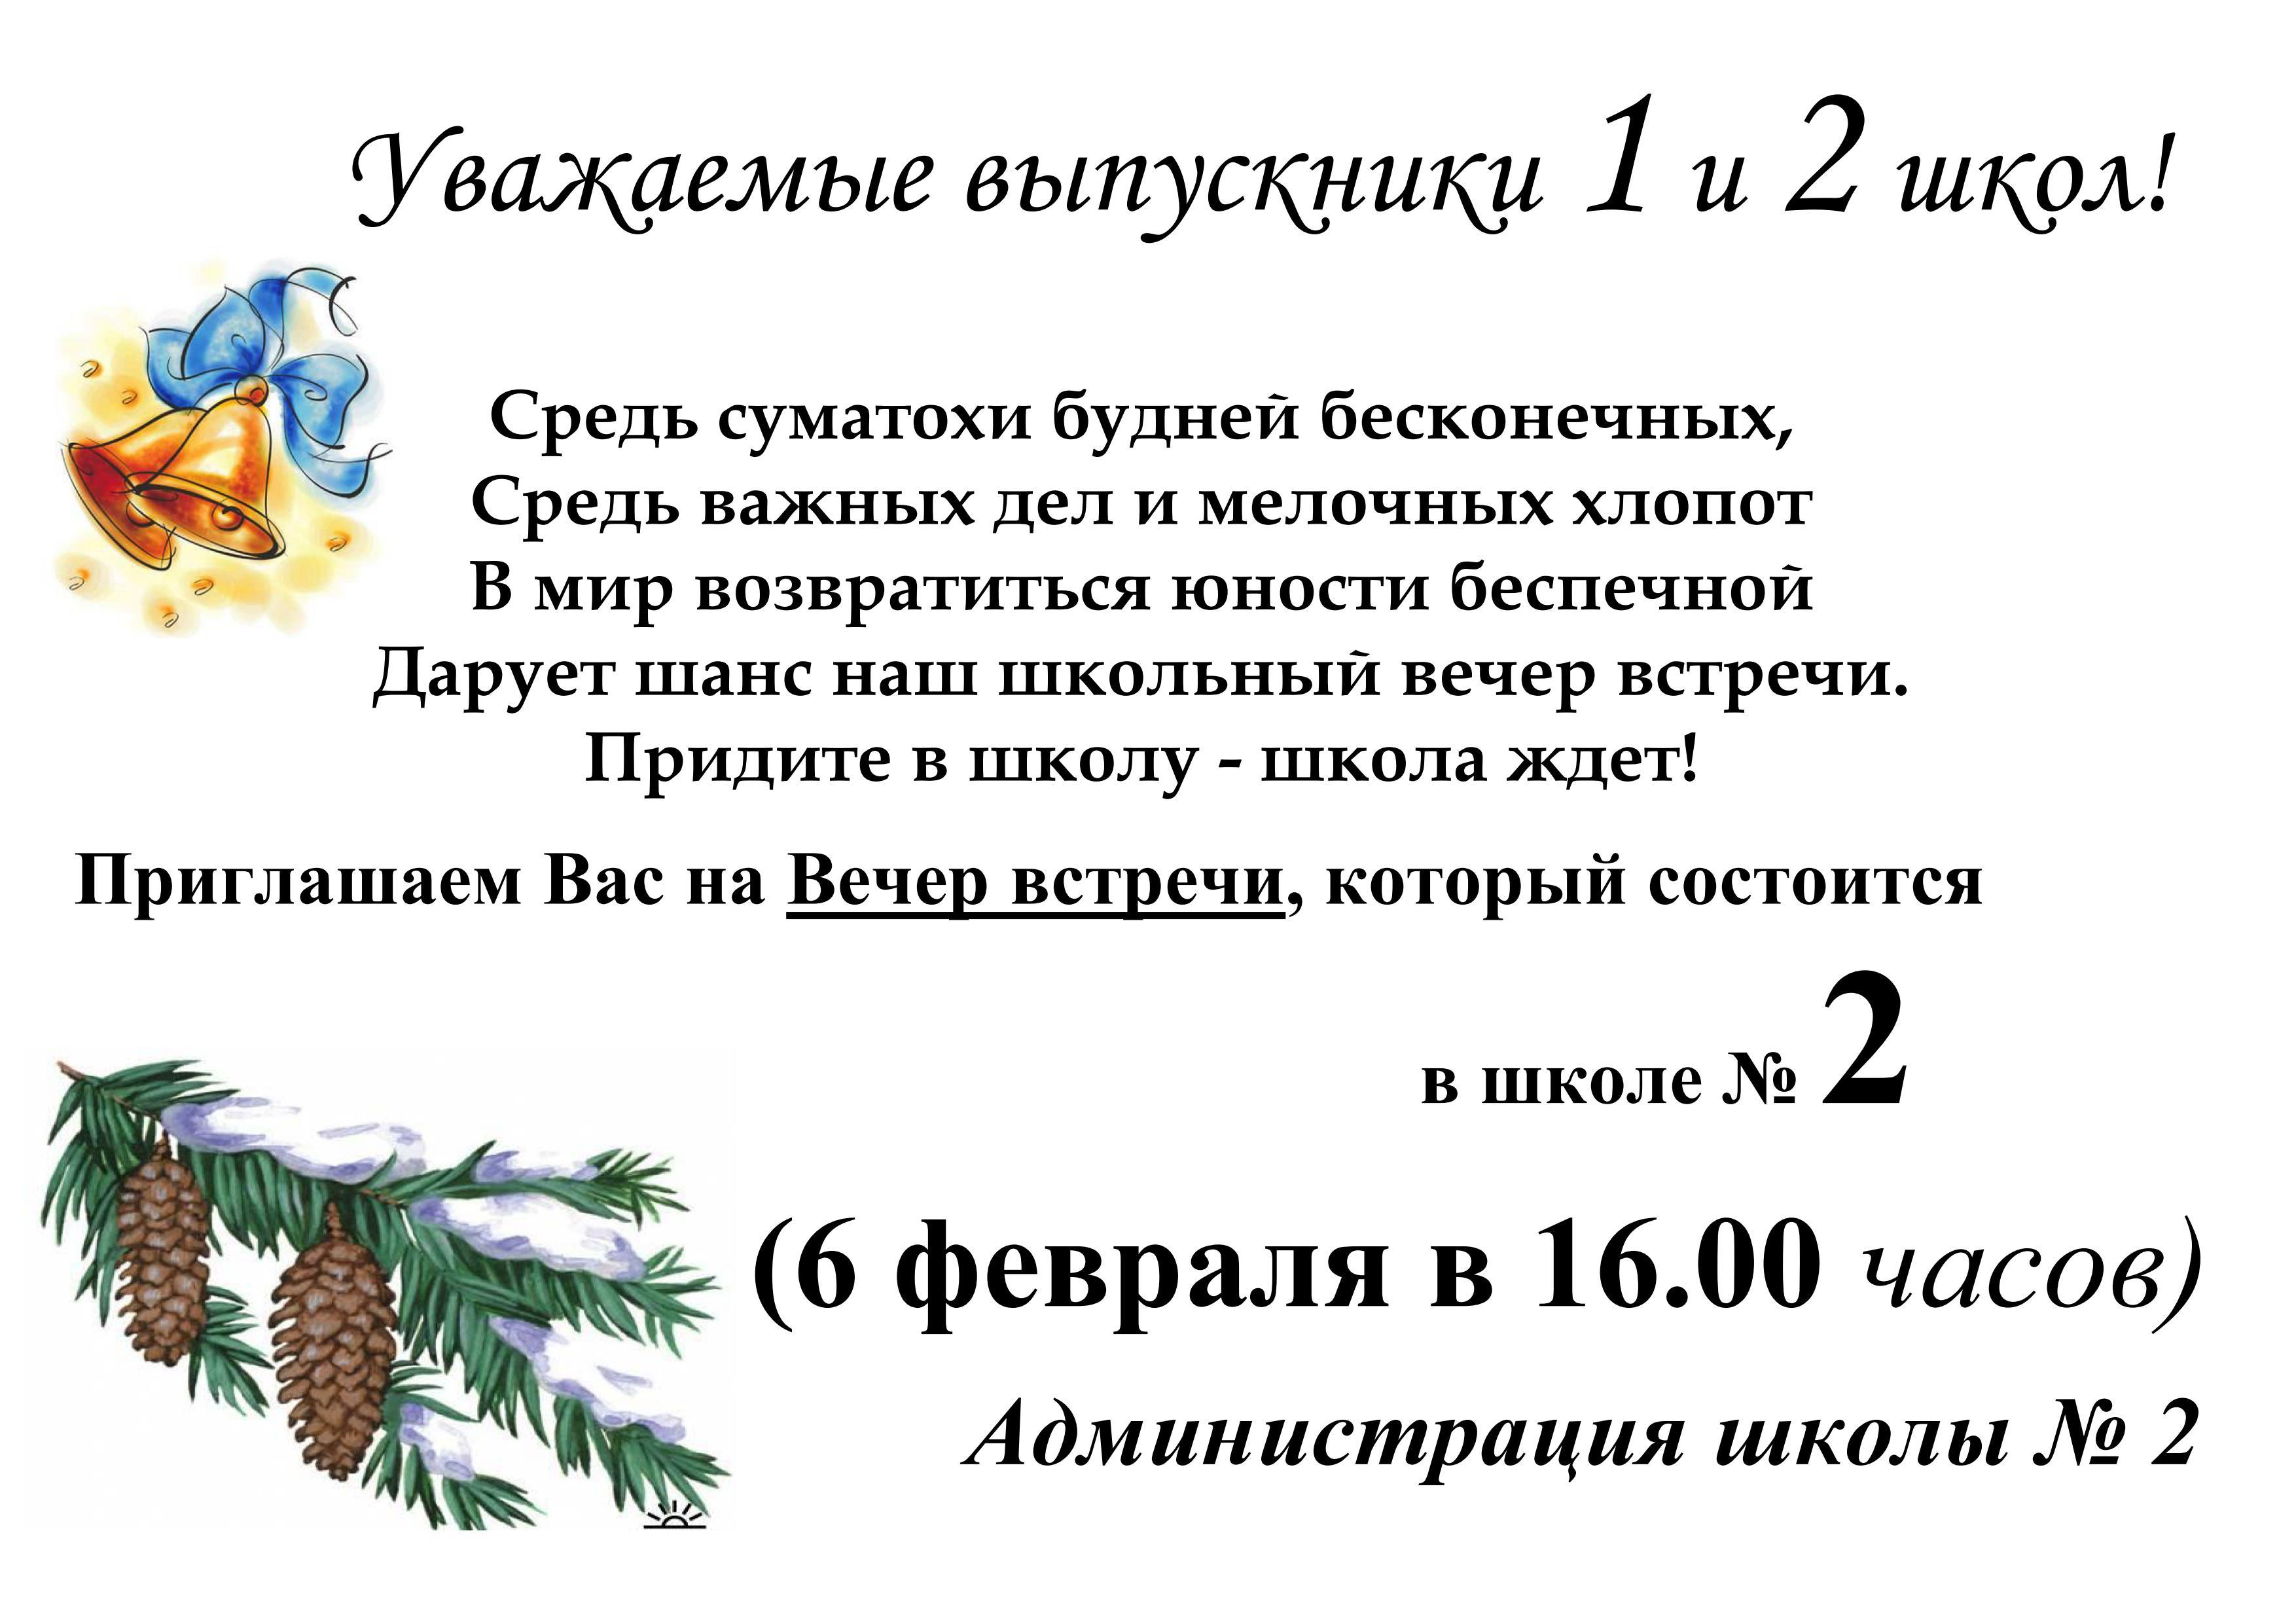 Уважаемые выпускники 1 и 2 школ!